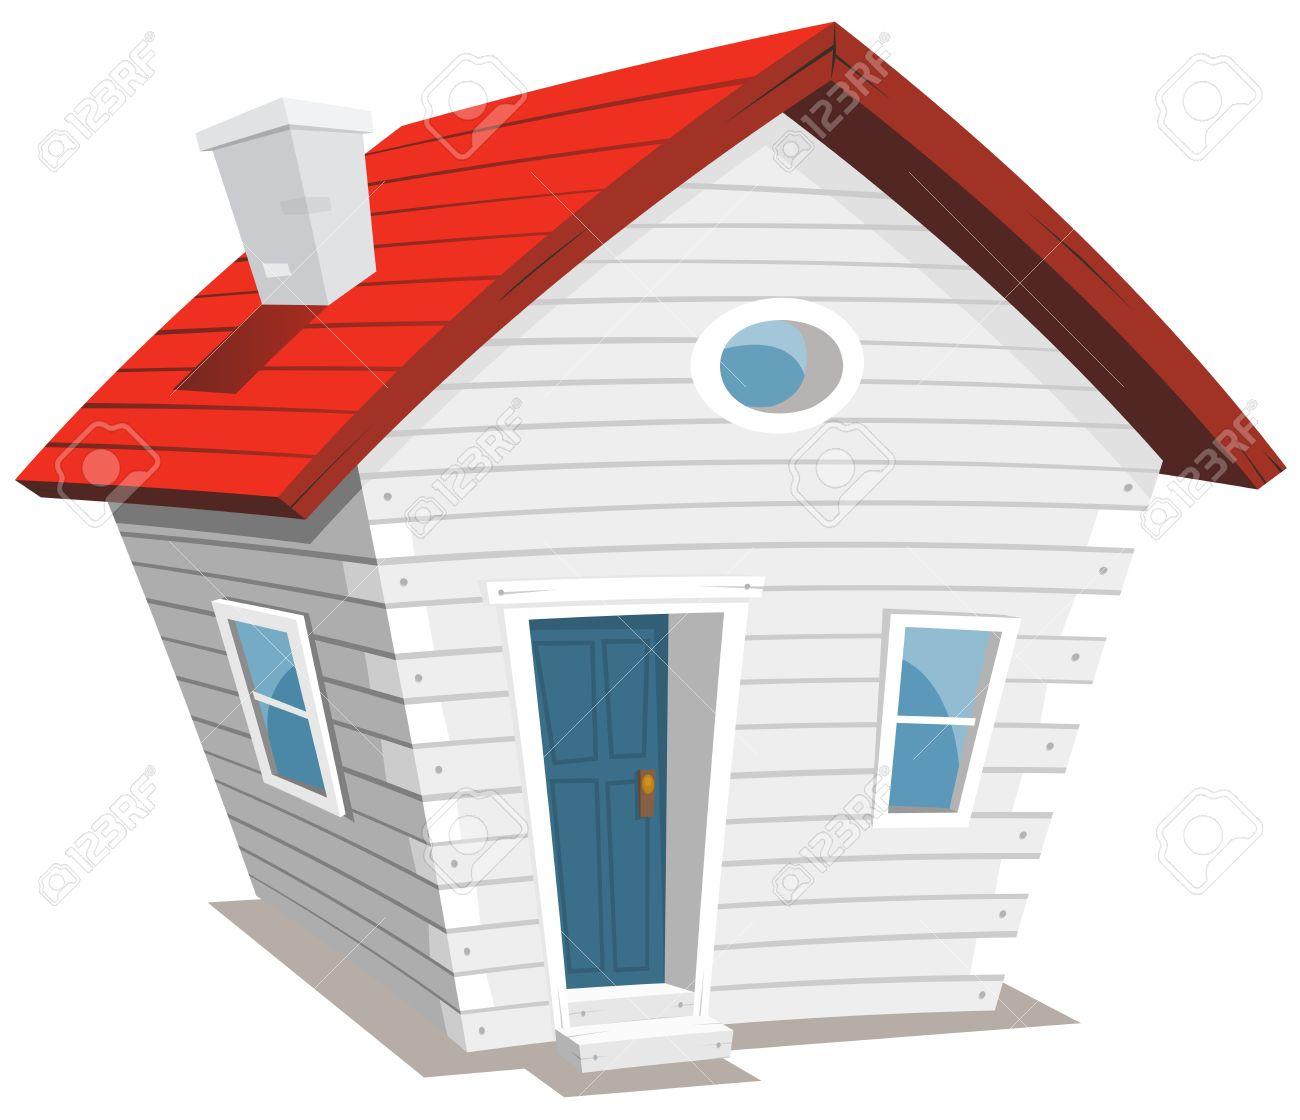 Illustration D Un Dessin Anime Blanc Petite Maison En Bois Drole Avec Cheminee Clip Art Libres De Droits Vecteurs Et Illustration Image 21998304